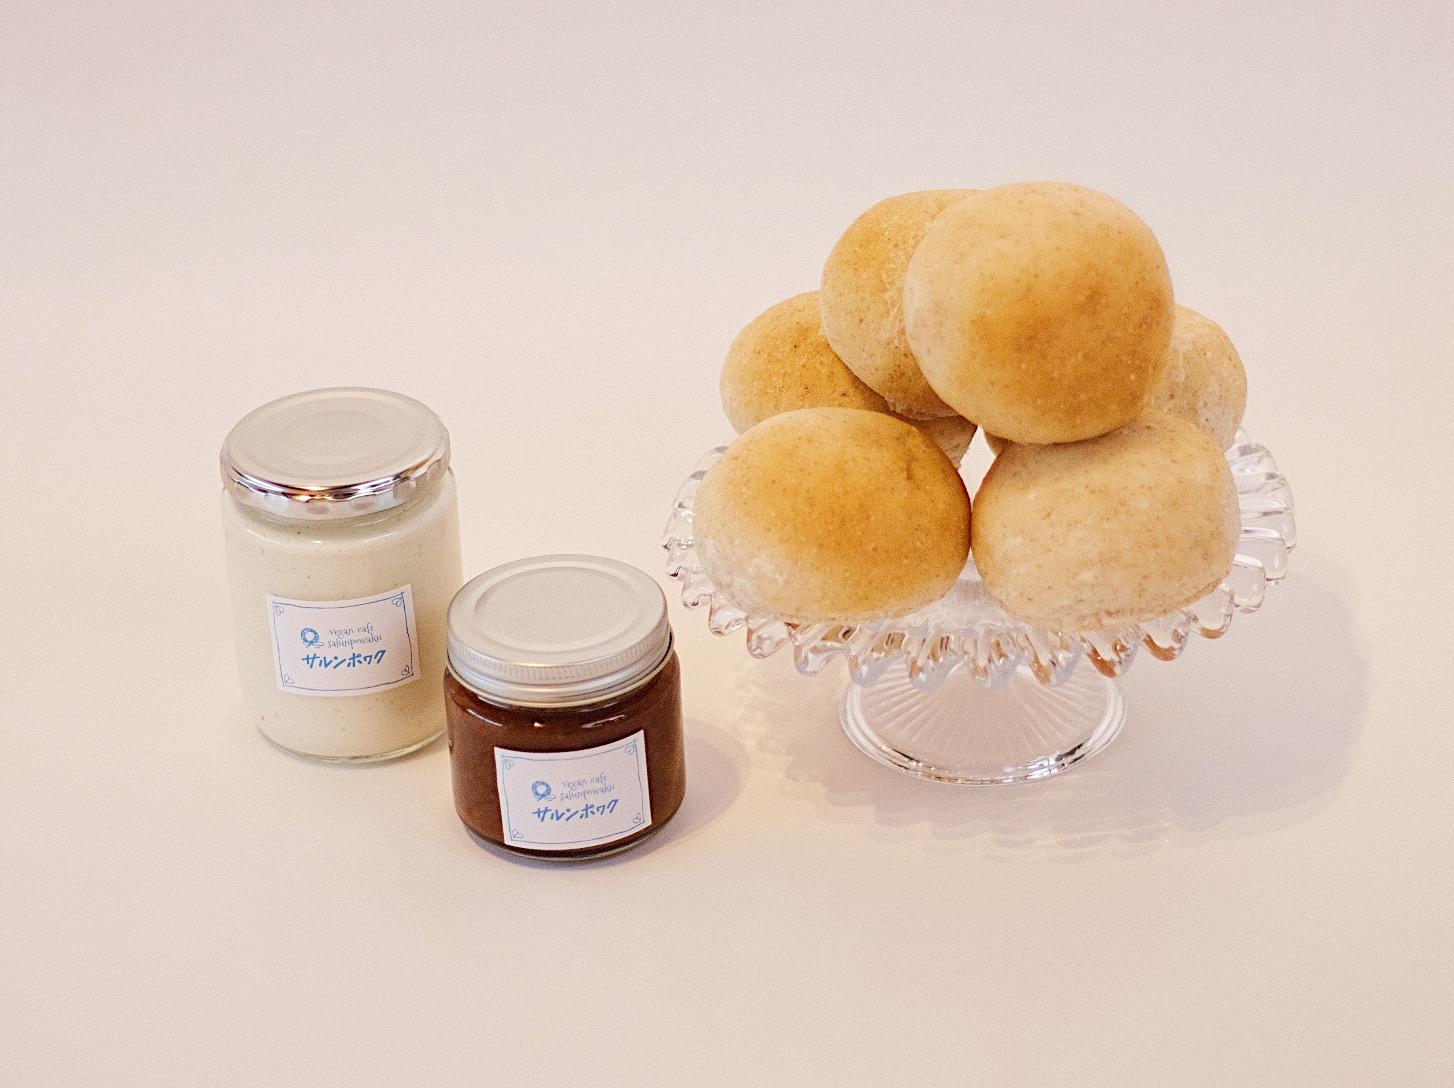 丸パン&バーガーソースセット 2000円(税込み)